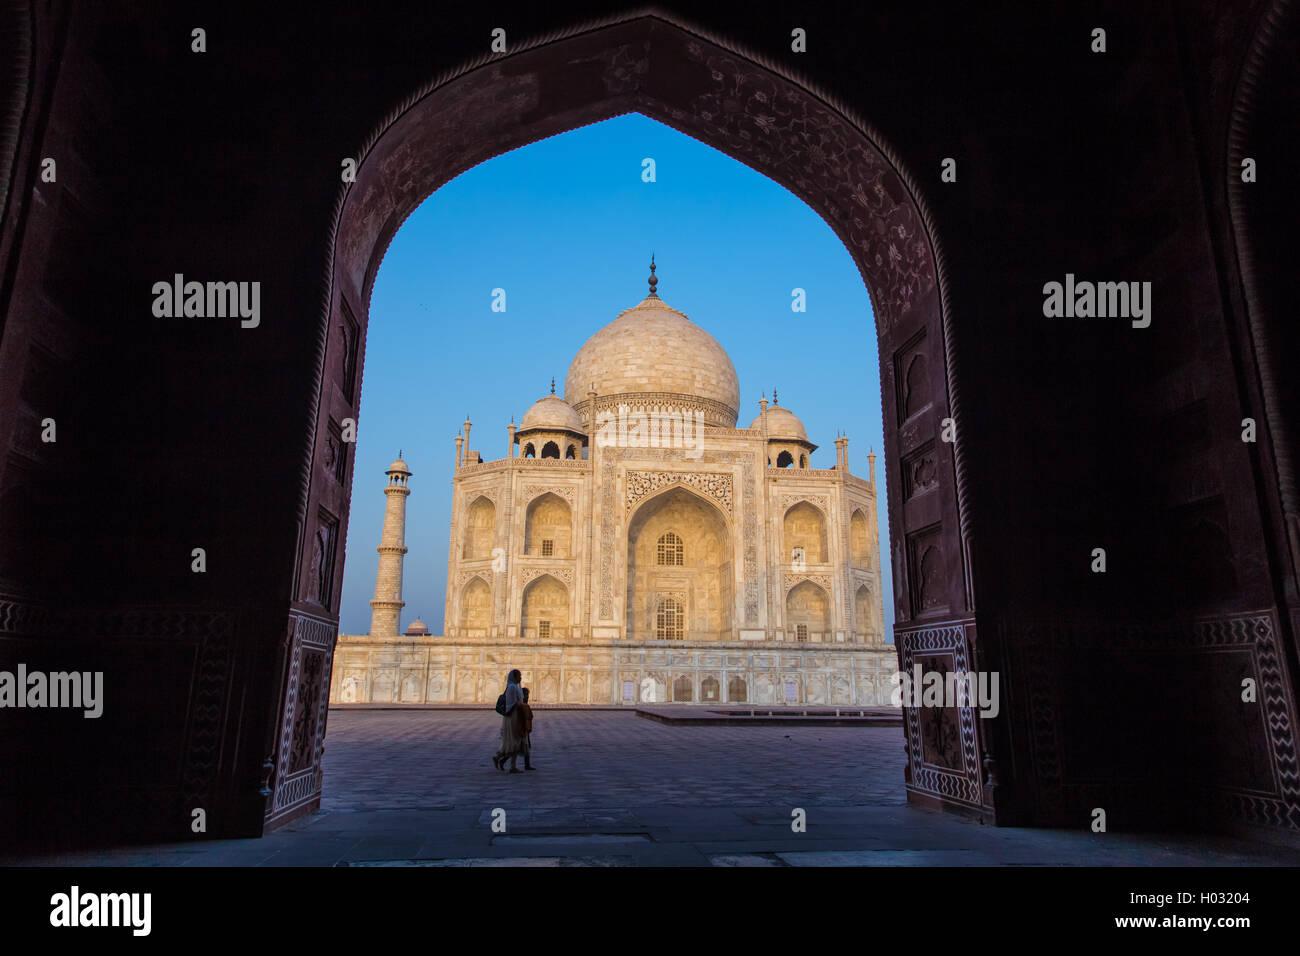 AGRA, Indien - 28. Februar 2015: Ansicht des Taj Mahal von innen Mihman Khana mit Passanten. Ostseite des Taj. Stockbild